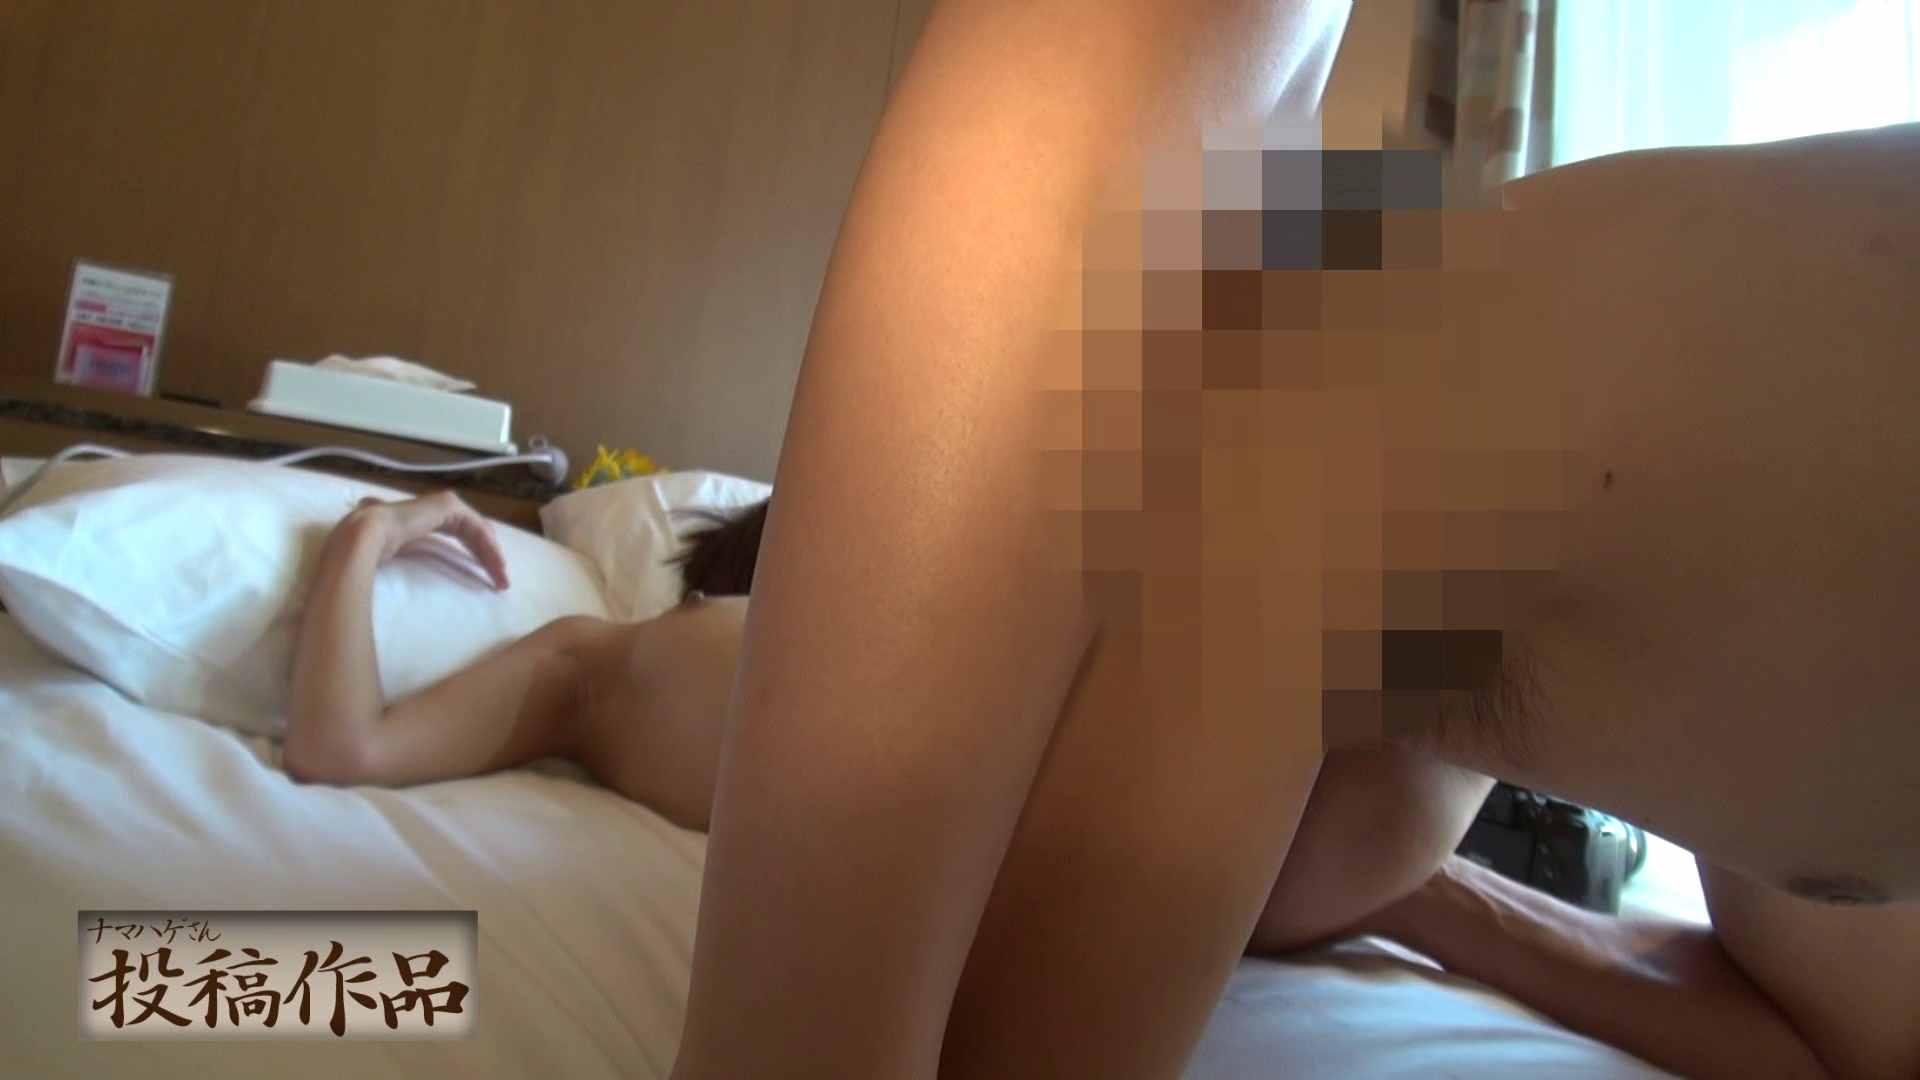 ナマハゲさんのまんこコレクション第二章 ayumi02 SEX 濡れ場動画紹介 113連発 38